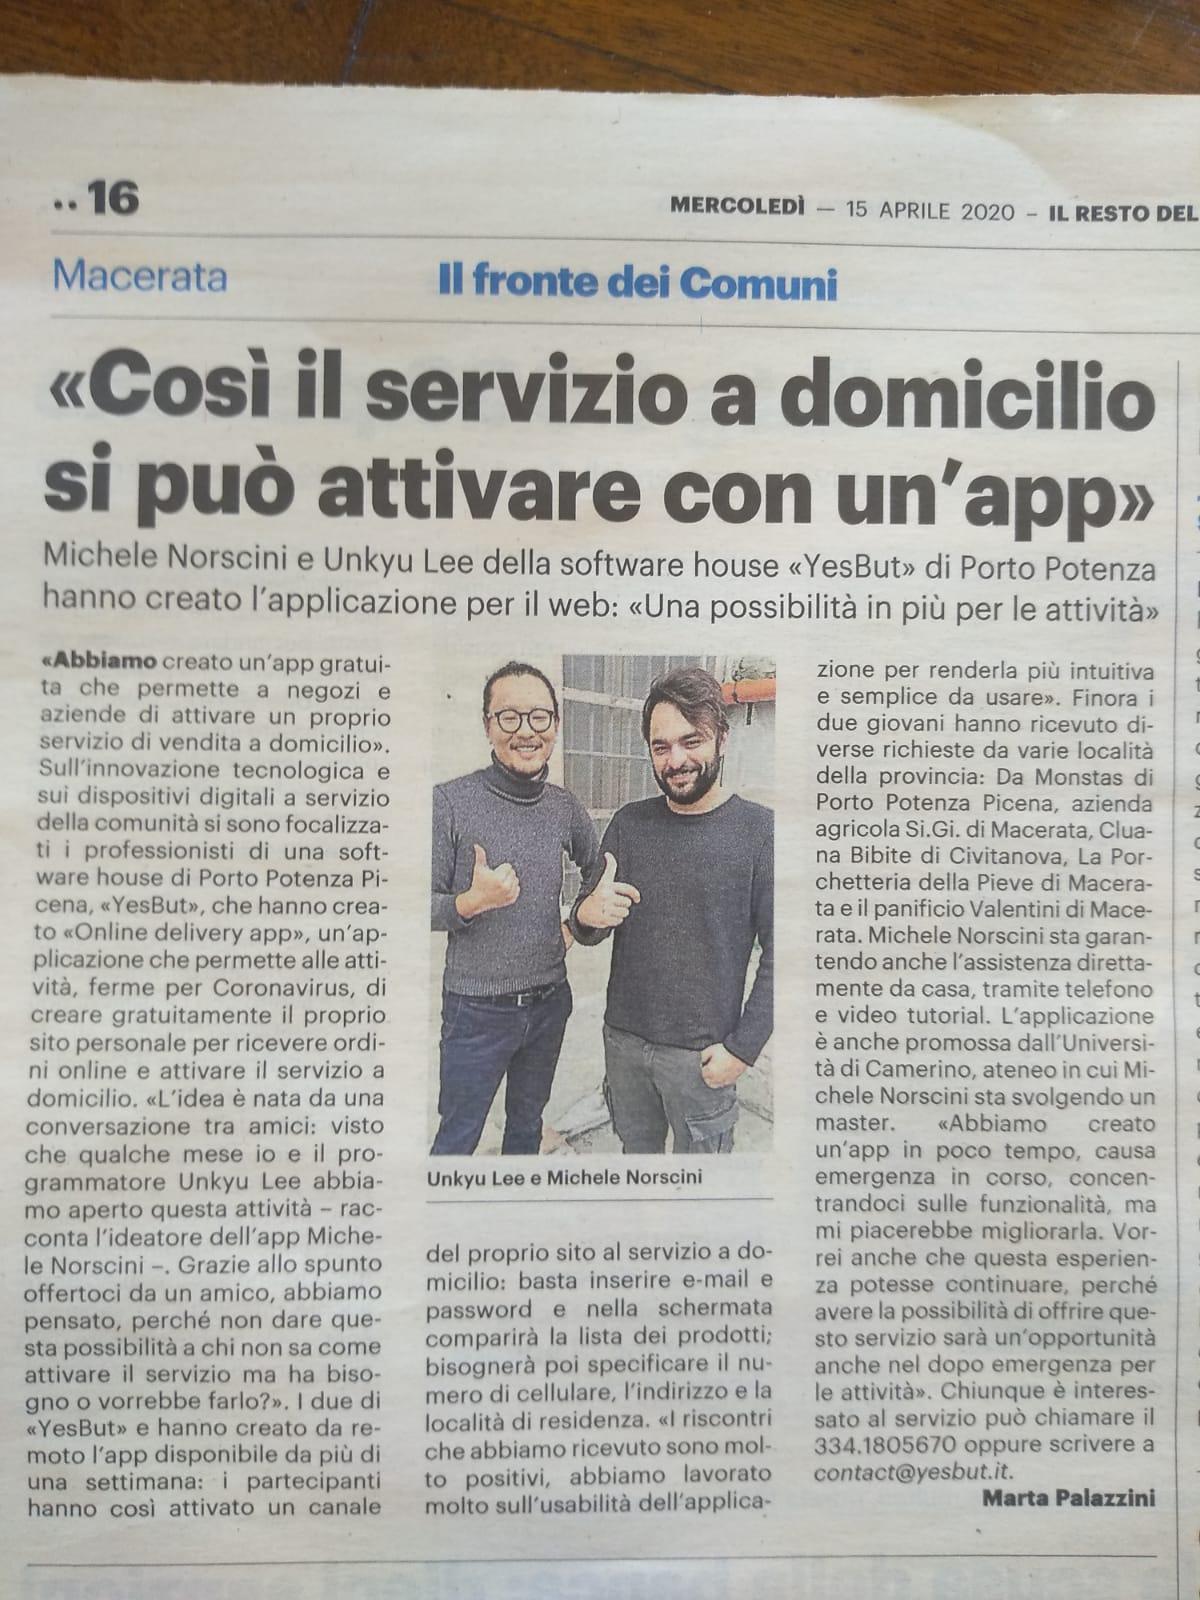 Comunicato Stampa – Resto del Carlino, Macerata, 15/04/2020